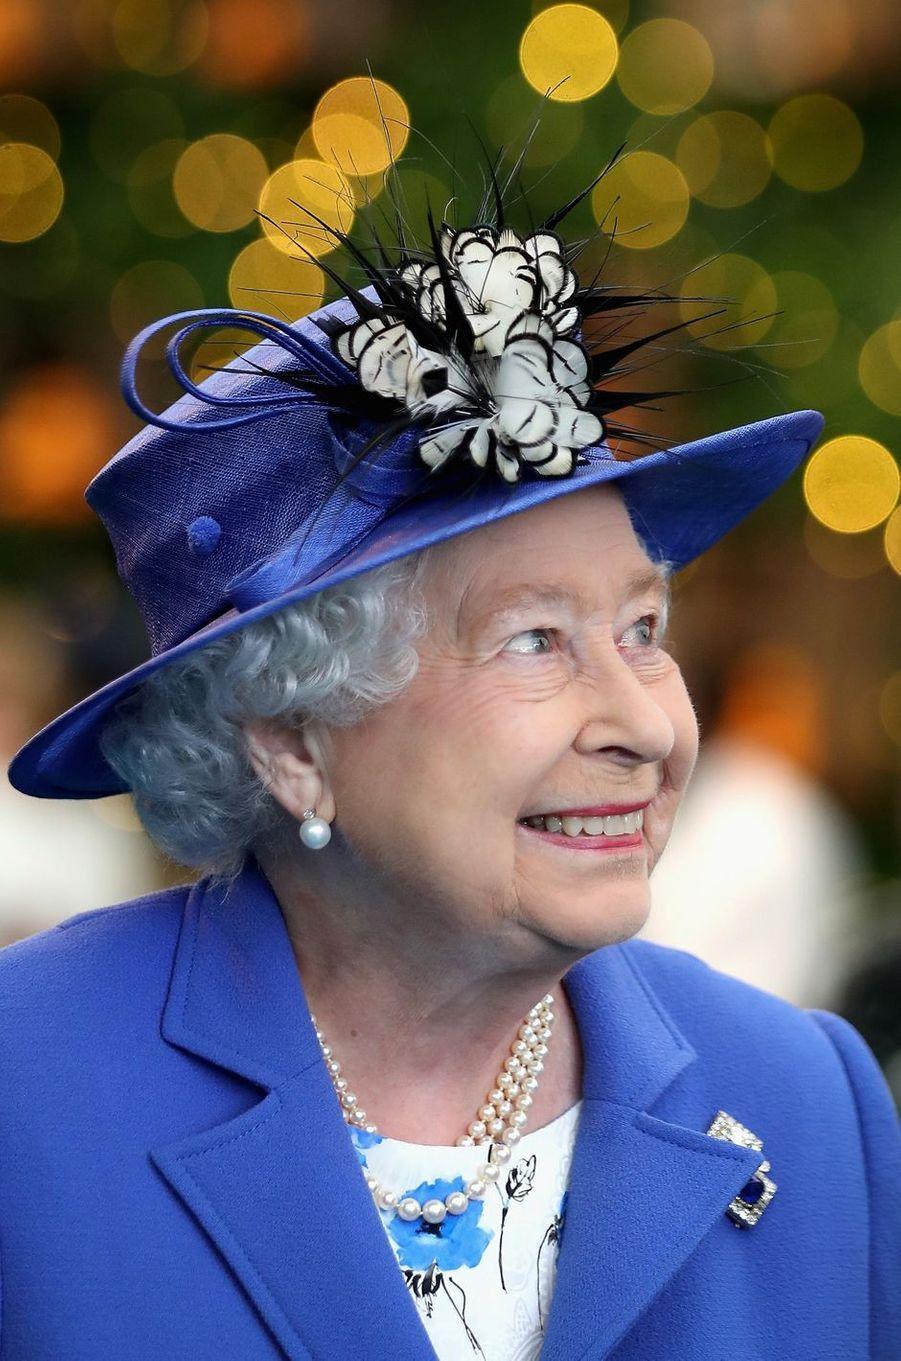 La reine Elizabeth II a battu le record de longévité à la tête de l'Honourable Artillery Company, le plus vieux régiment britannique. Cela valait bien une statue et une cérémonie à Londres ce mercredi 1er juin.